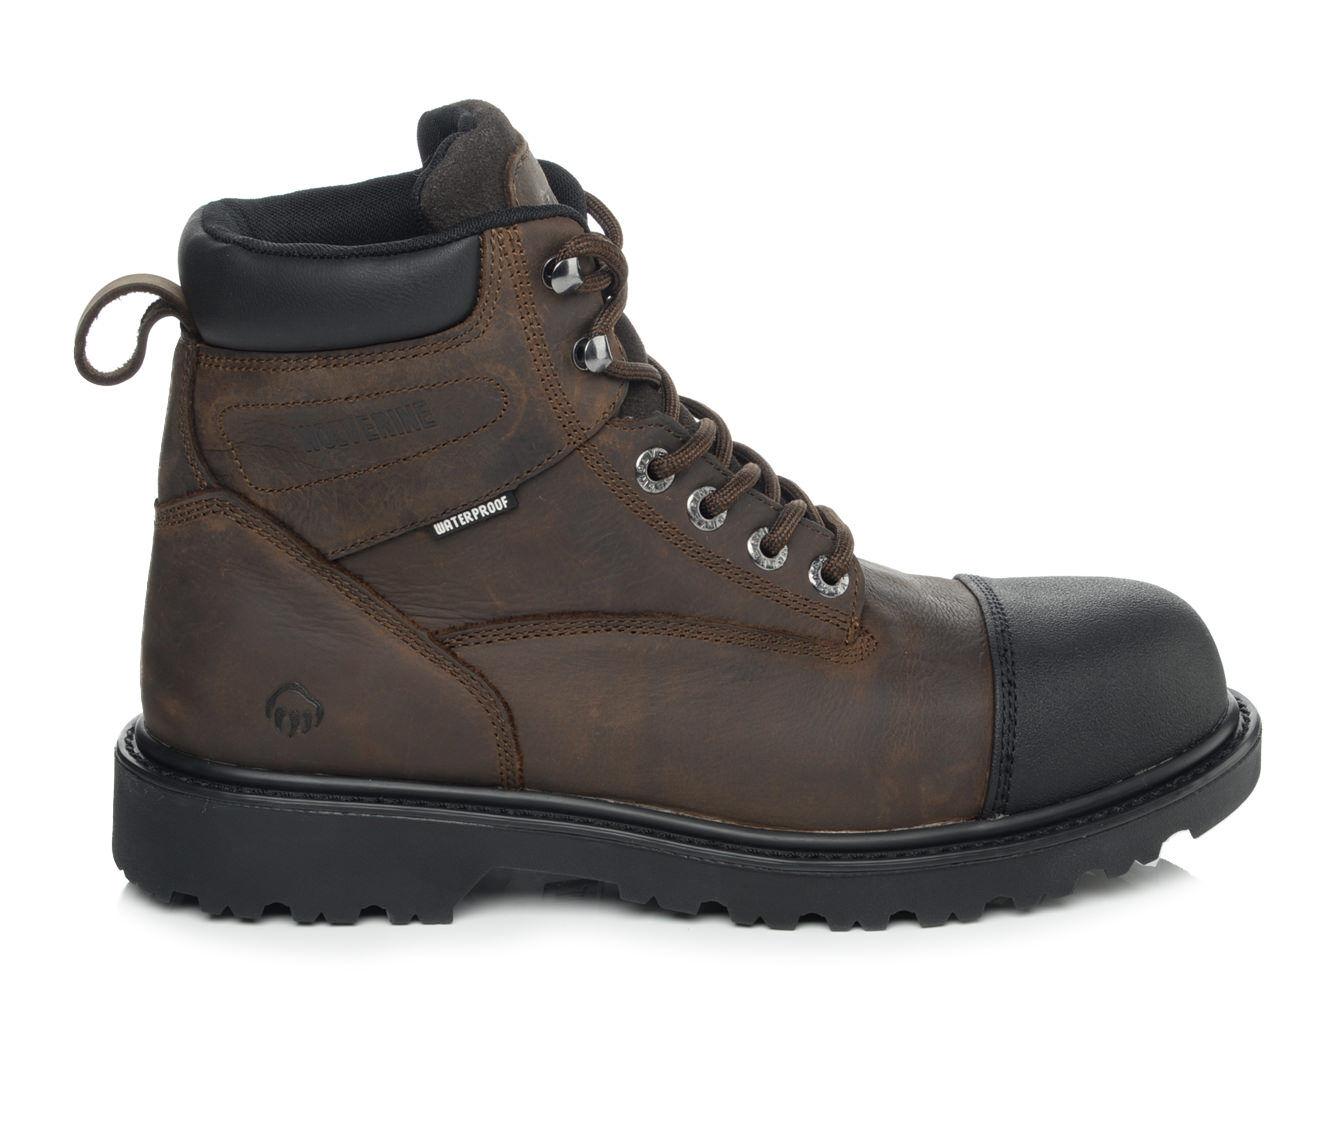 Men's Wolverine Rig 6 In Soft Toe Work Boots Dark Brown